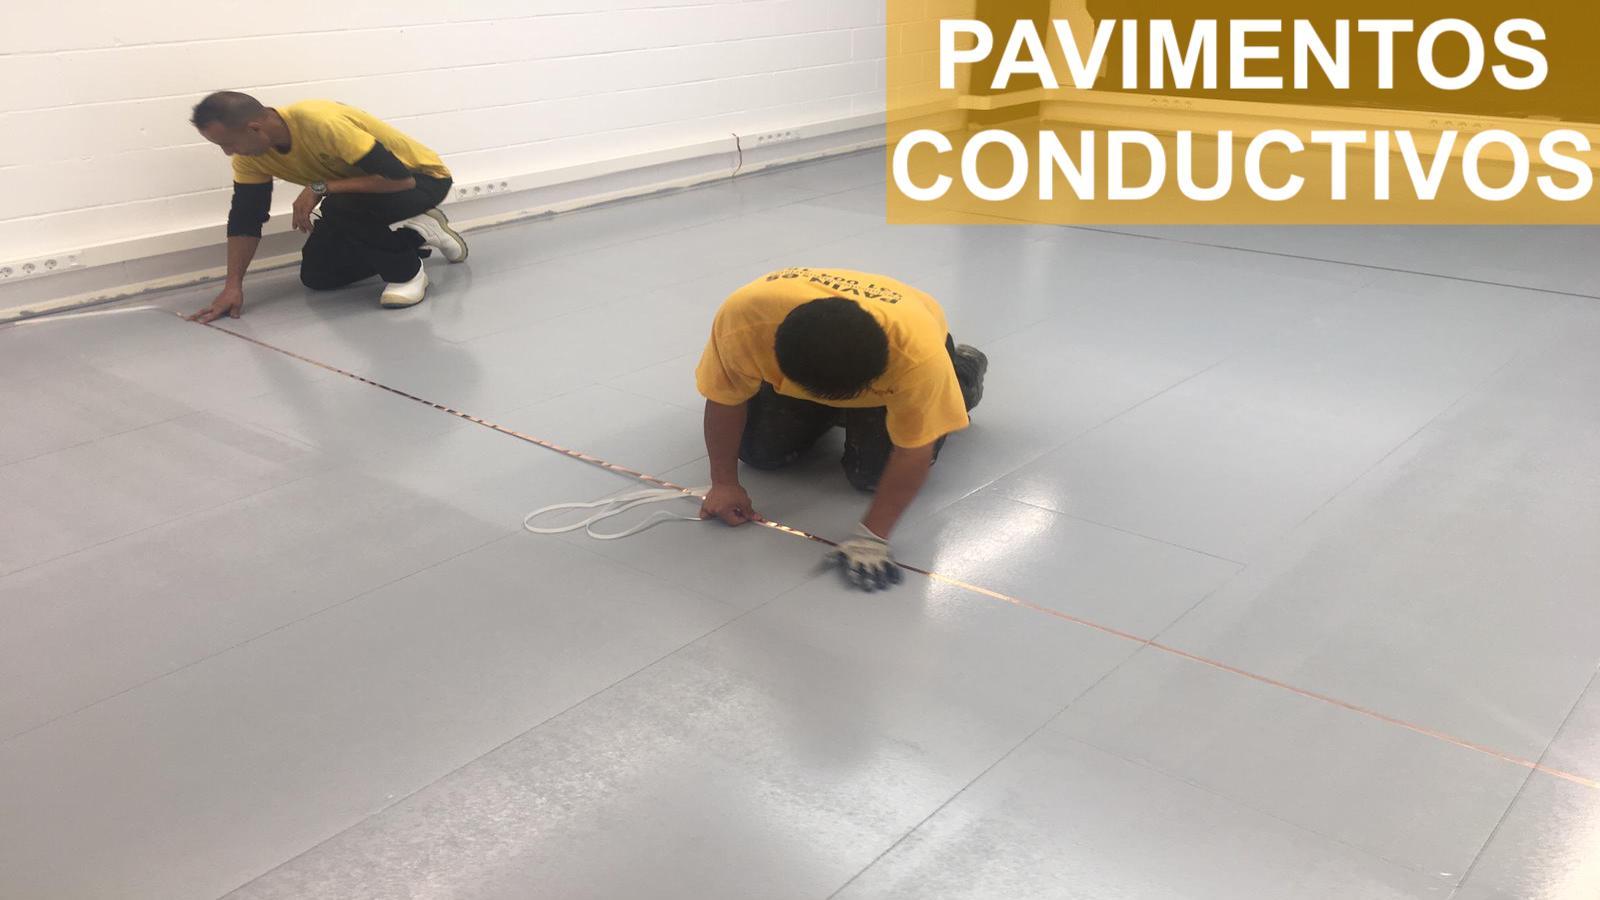 suelos,y,pavimentos,conductivos,microchip